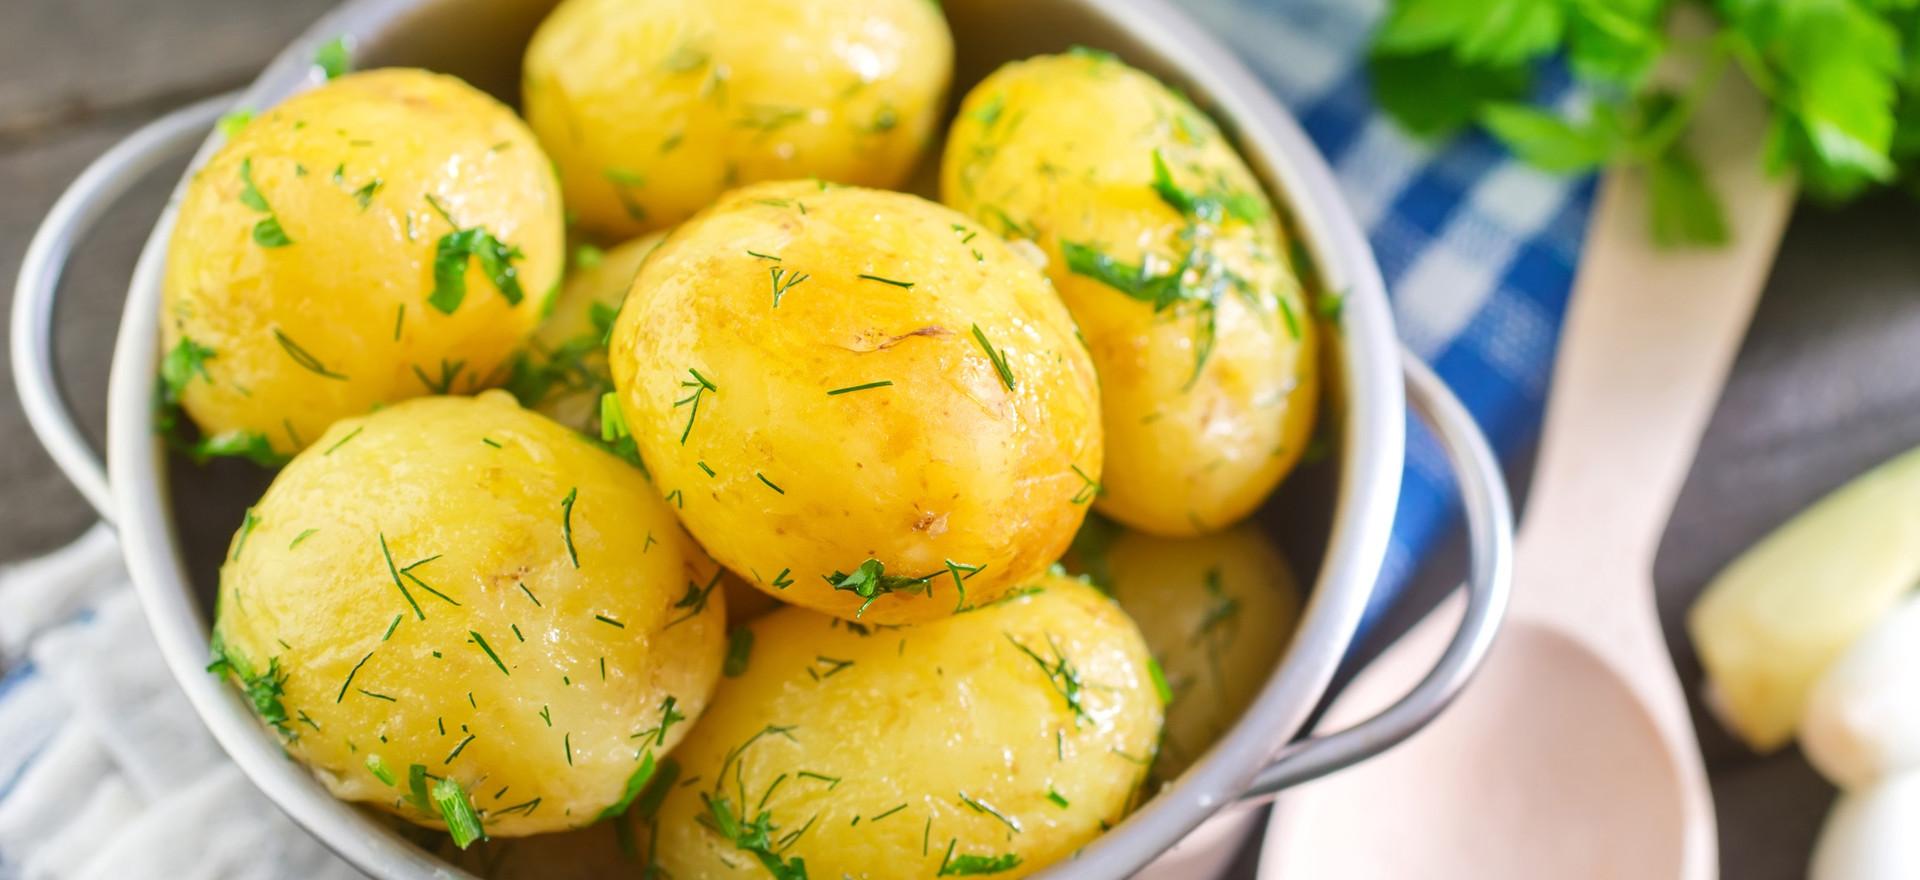 Vārīti kartupeļi (1,50 €)